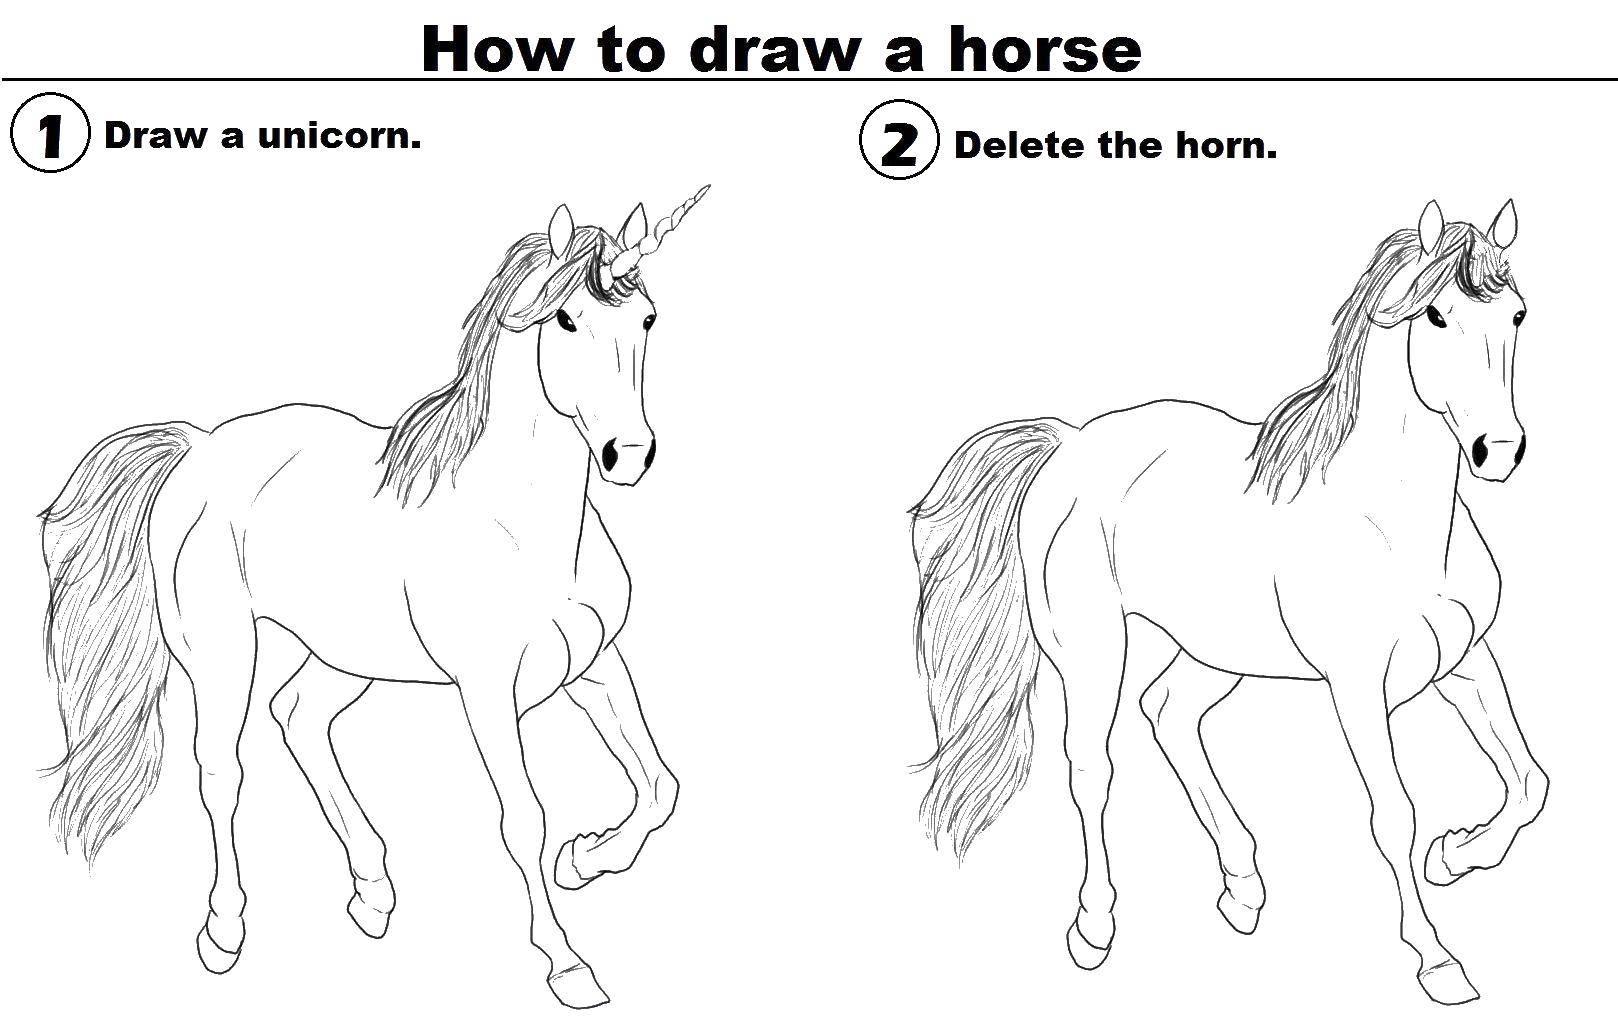 Раскраска Единорог и лошадь Скачать единорог, лошадь, хвост.  Распечатать ,как нарисовать пошагово,